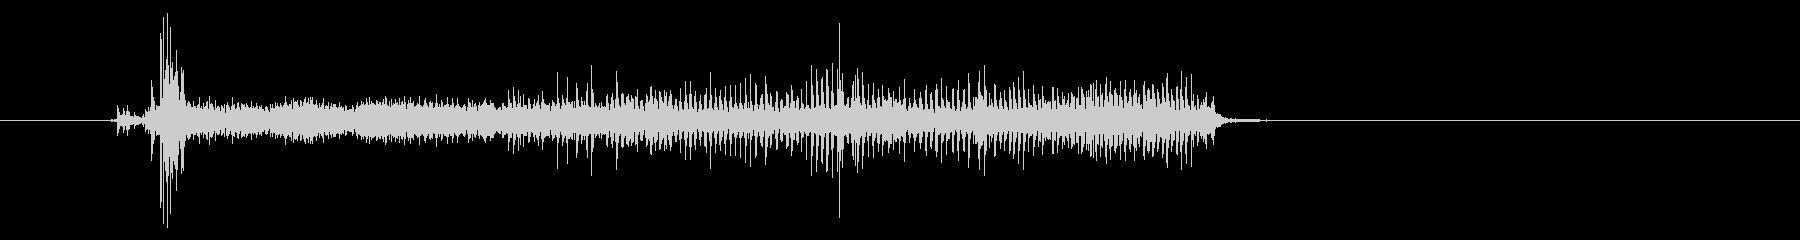 カメラ コンデジ01-08(ズーム)の未再生の波形